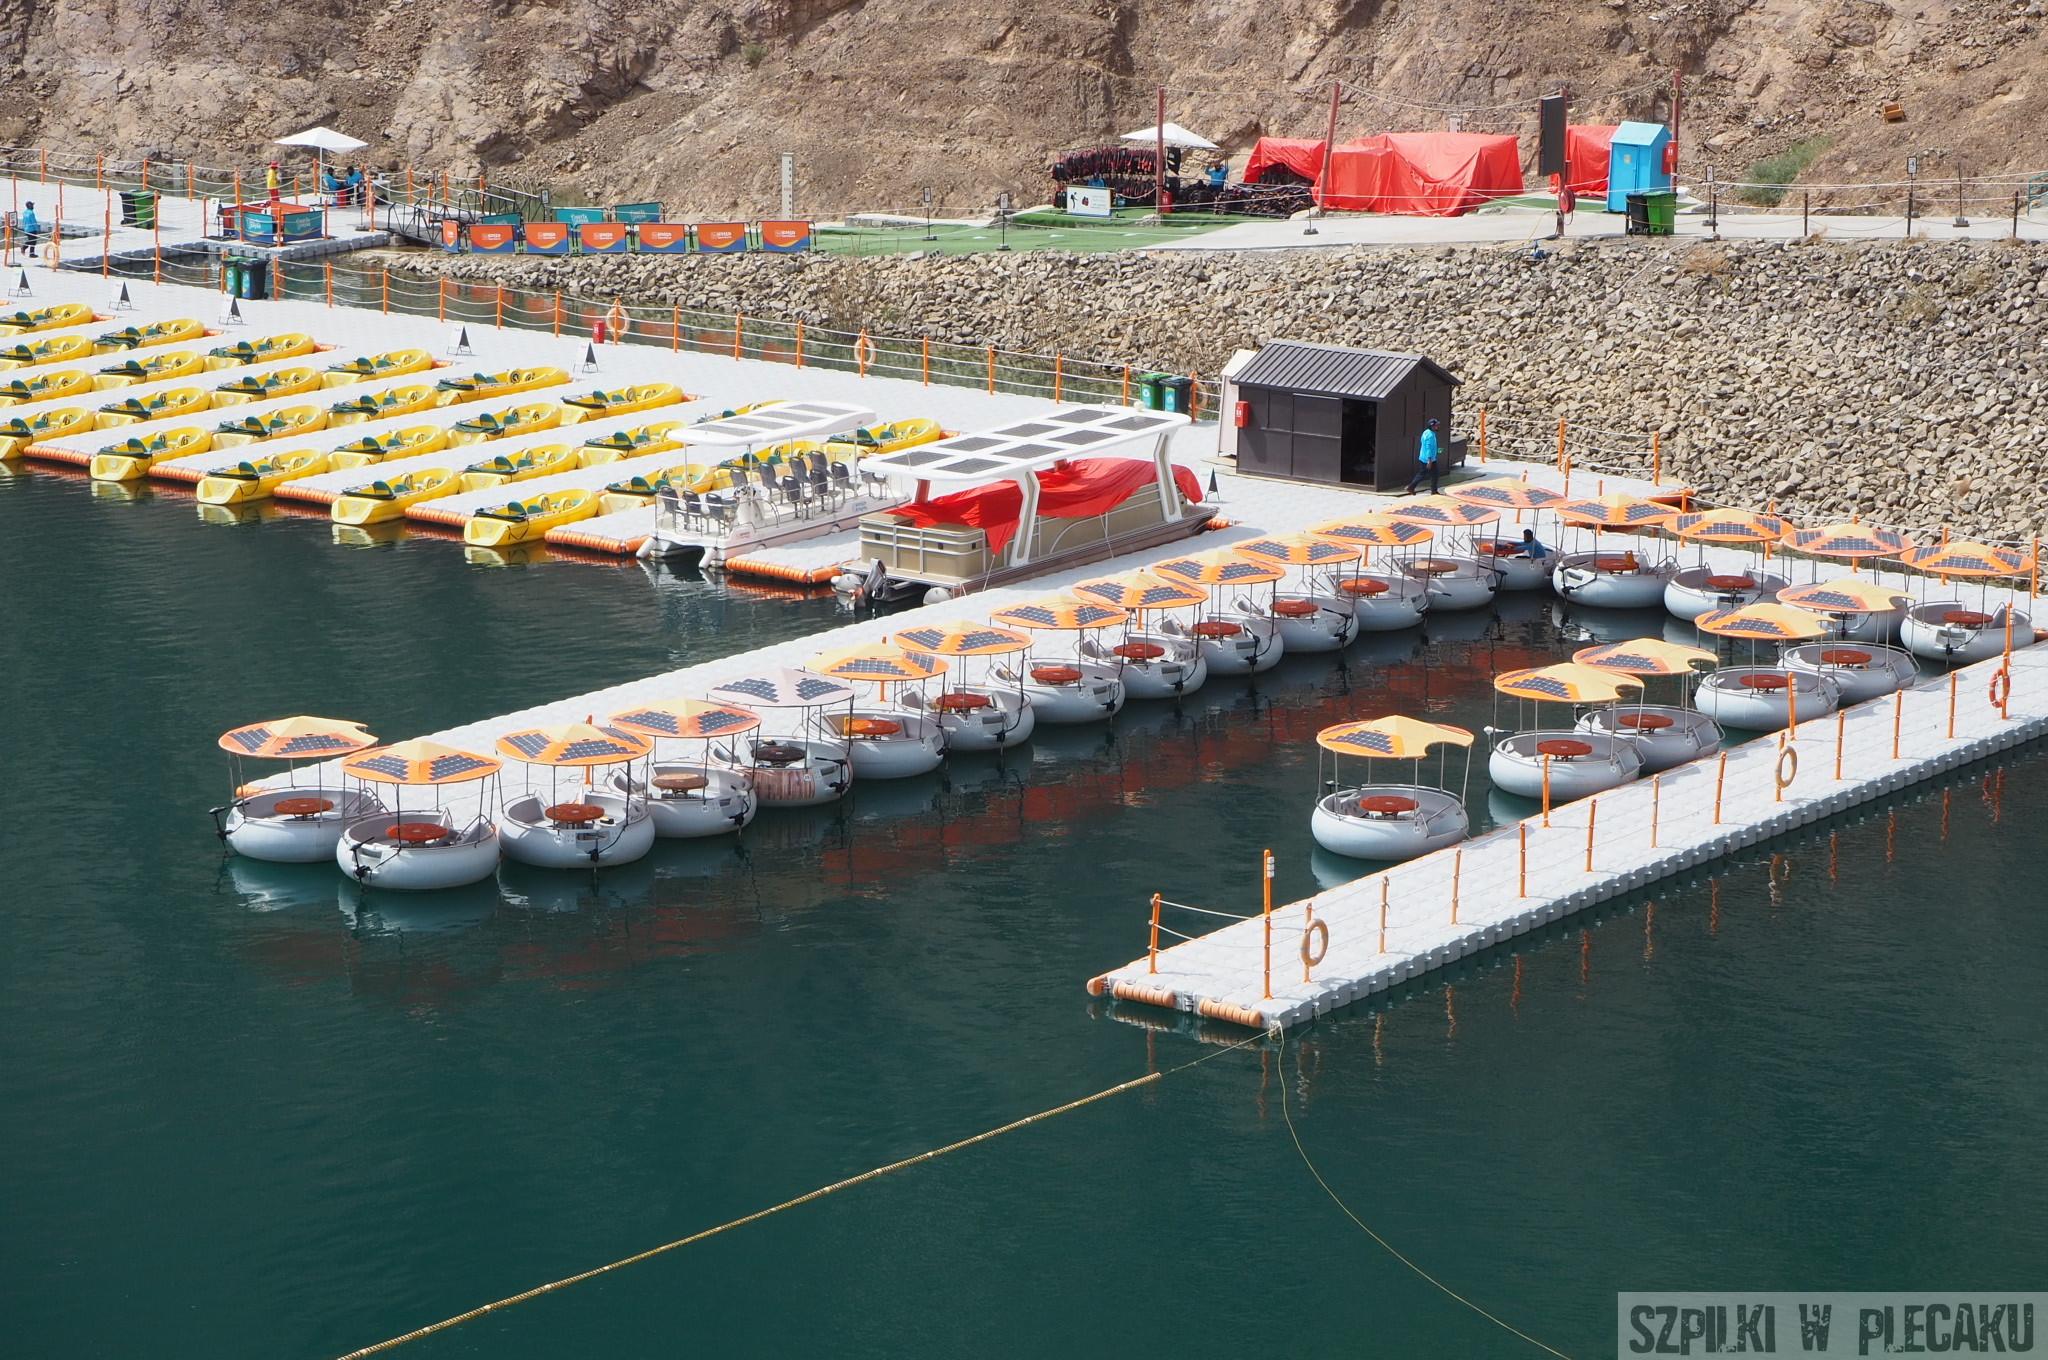 Jezioro hatta - Dubaj inaczej z przygodą i adrenaliną - Szpilki w plecaku